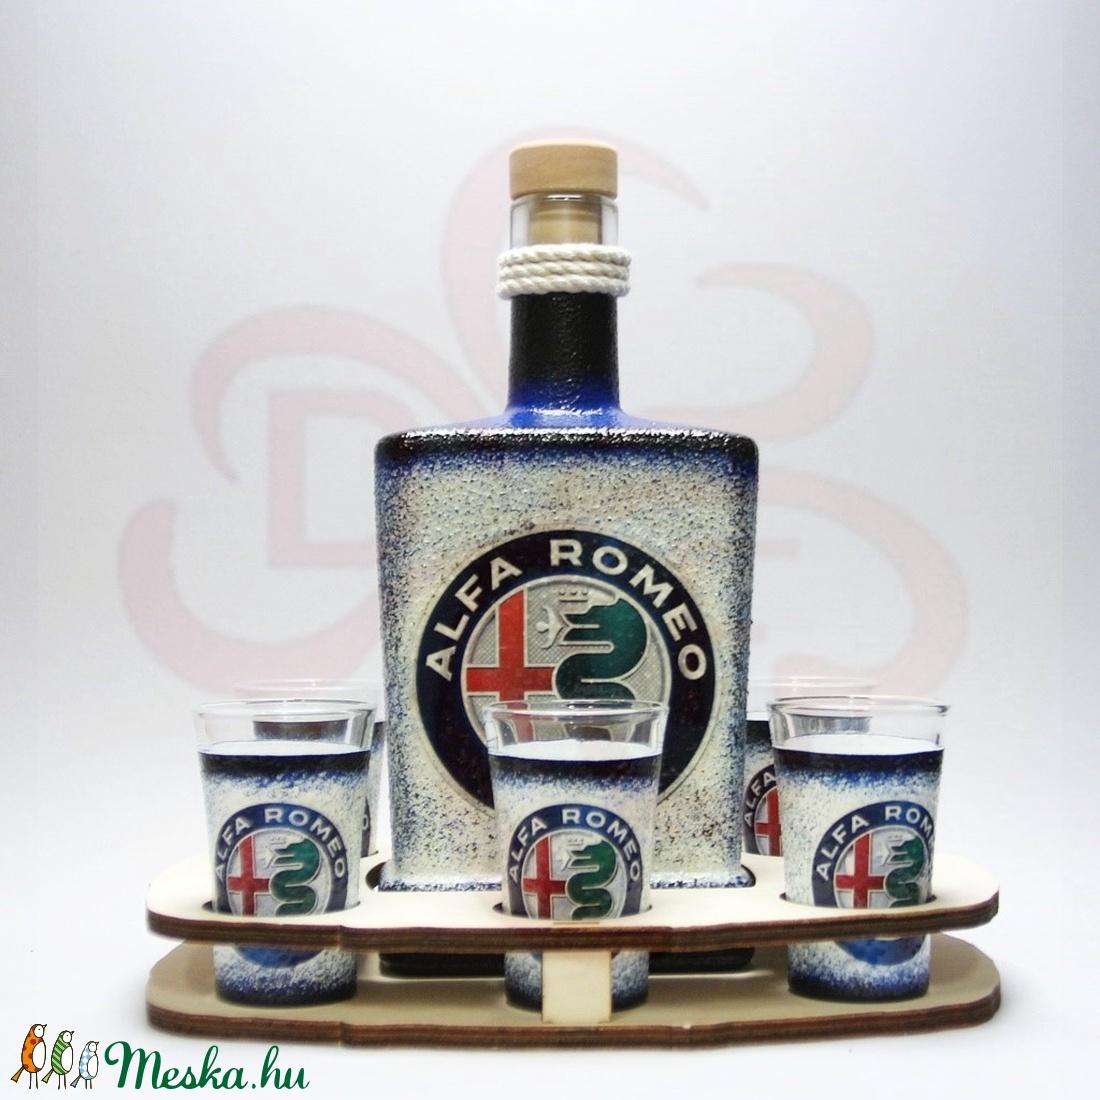 Alfa Romeo italos szett ; A saját Alfa autód fotójával is! - Meska.hu